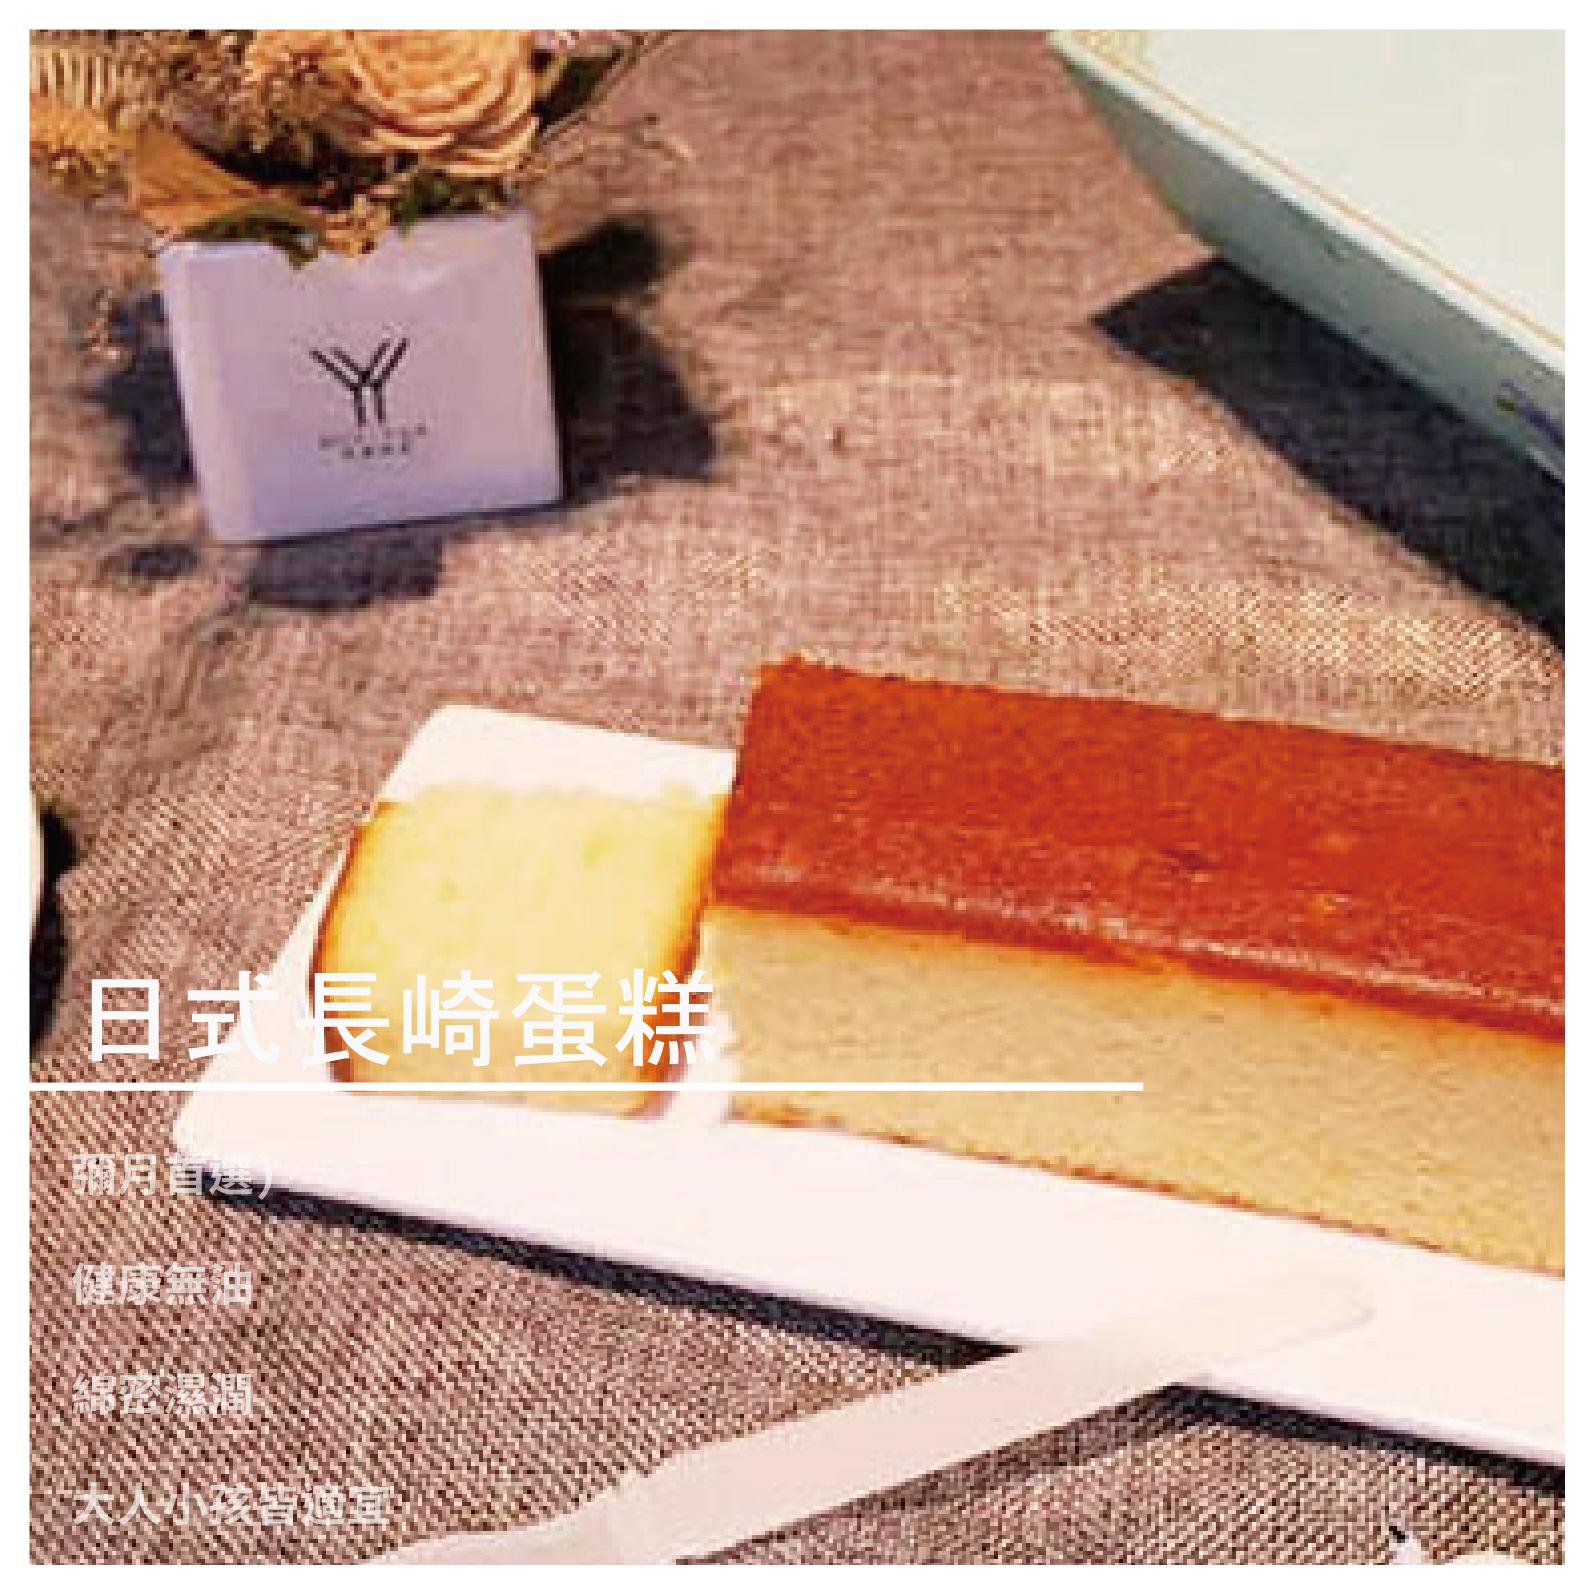 【栗卡朵洋菓子工坊】日式長崎蛋糕  彌月首選!!